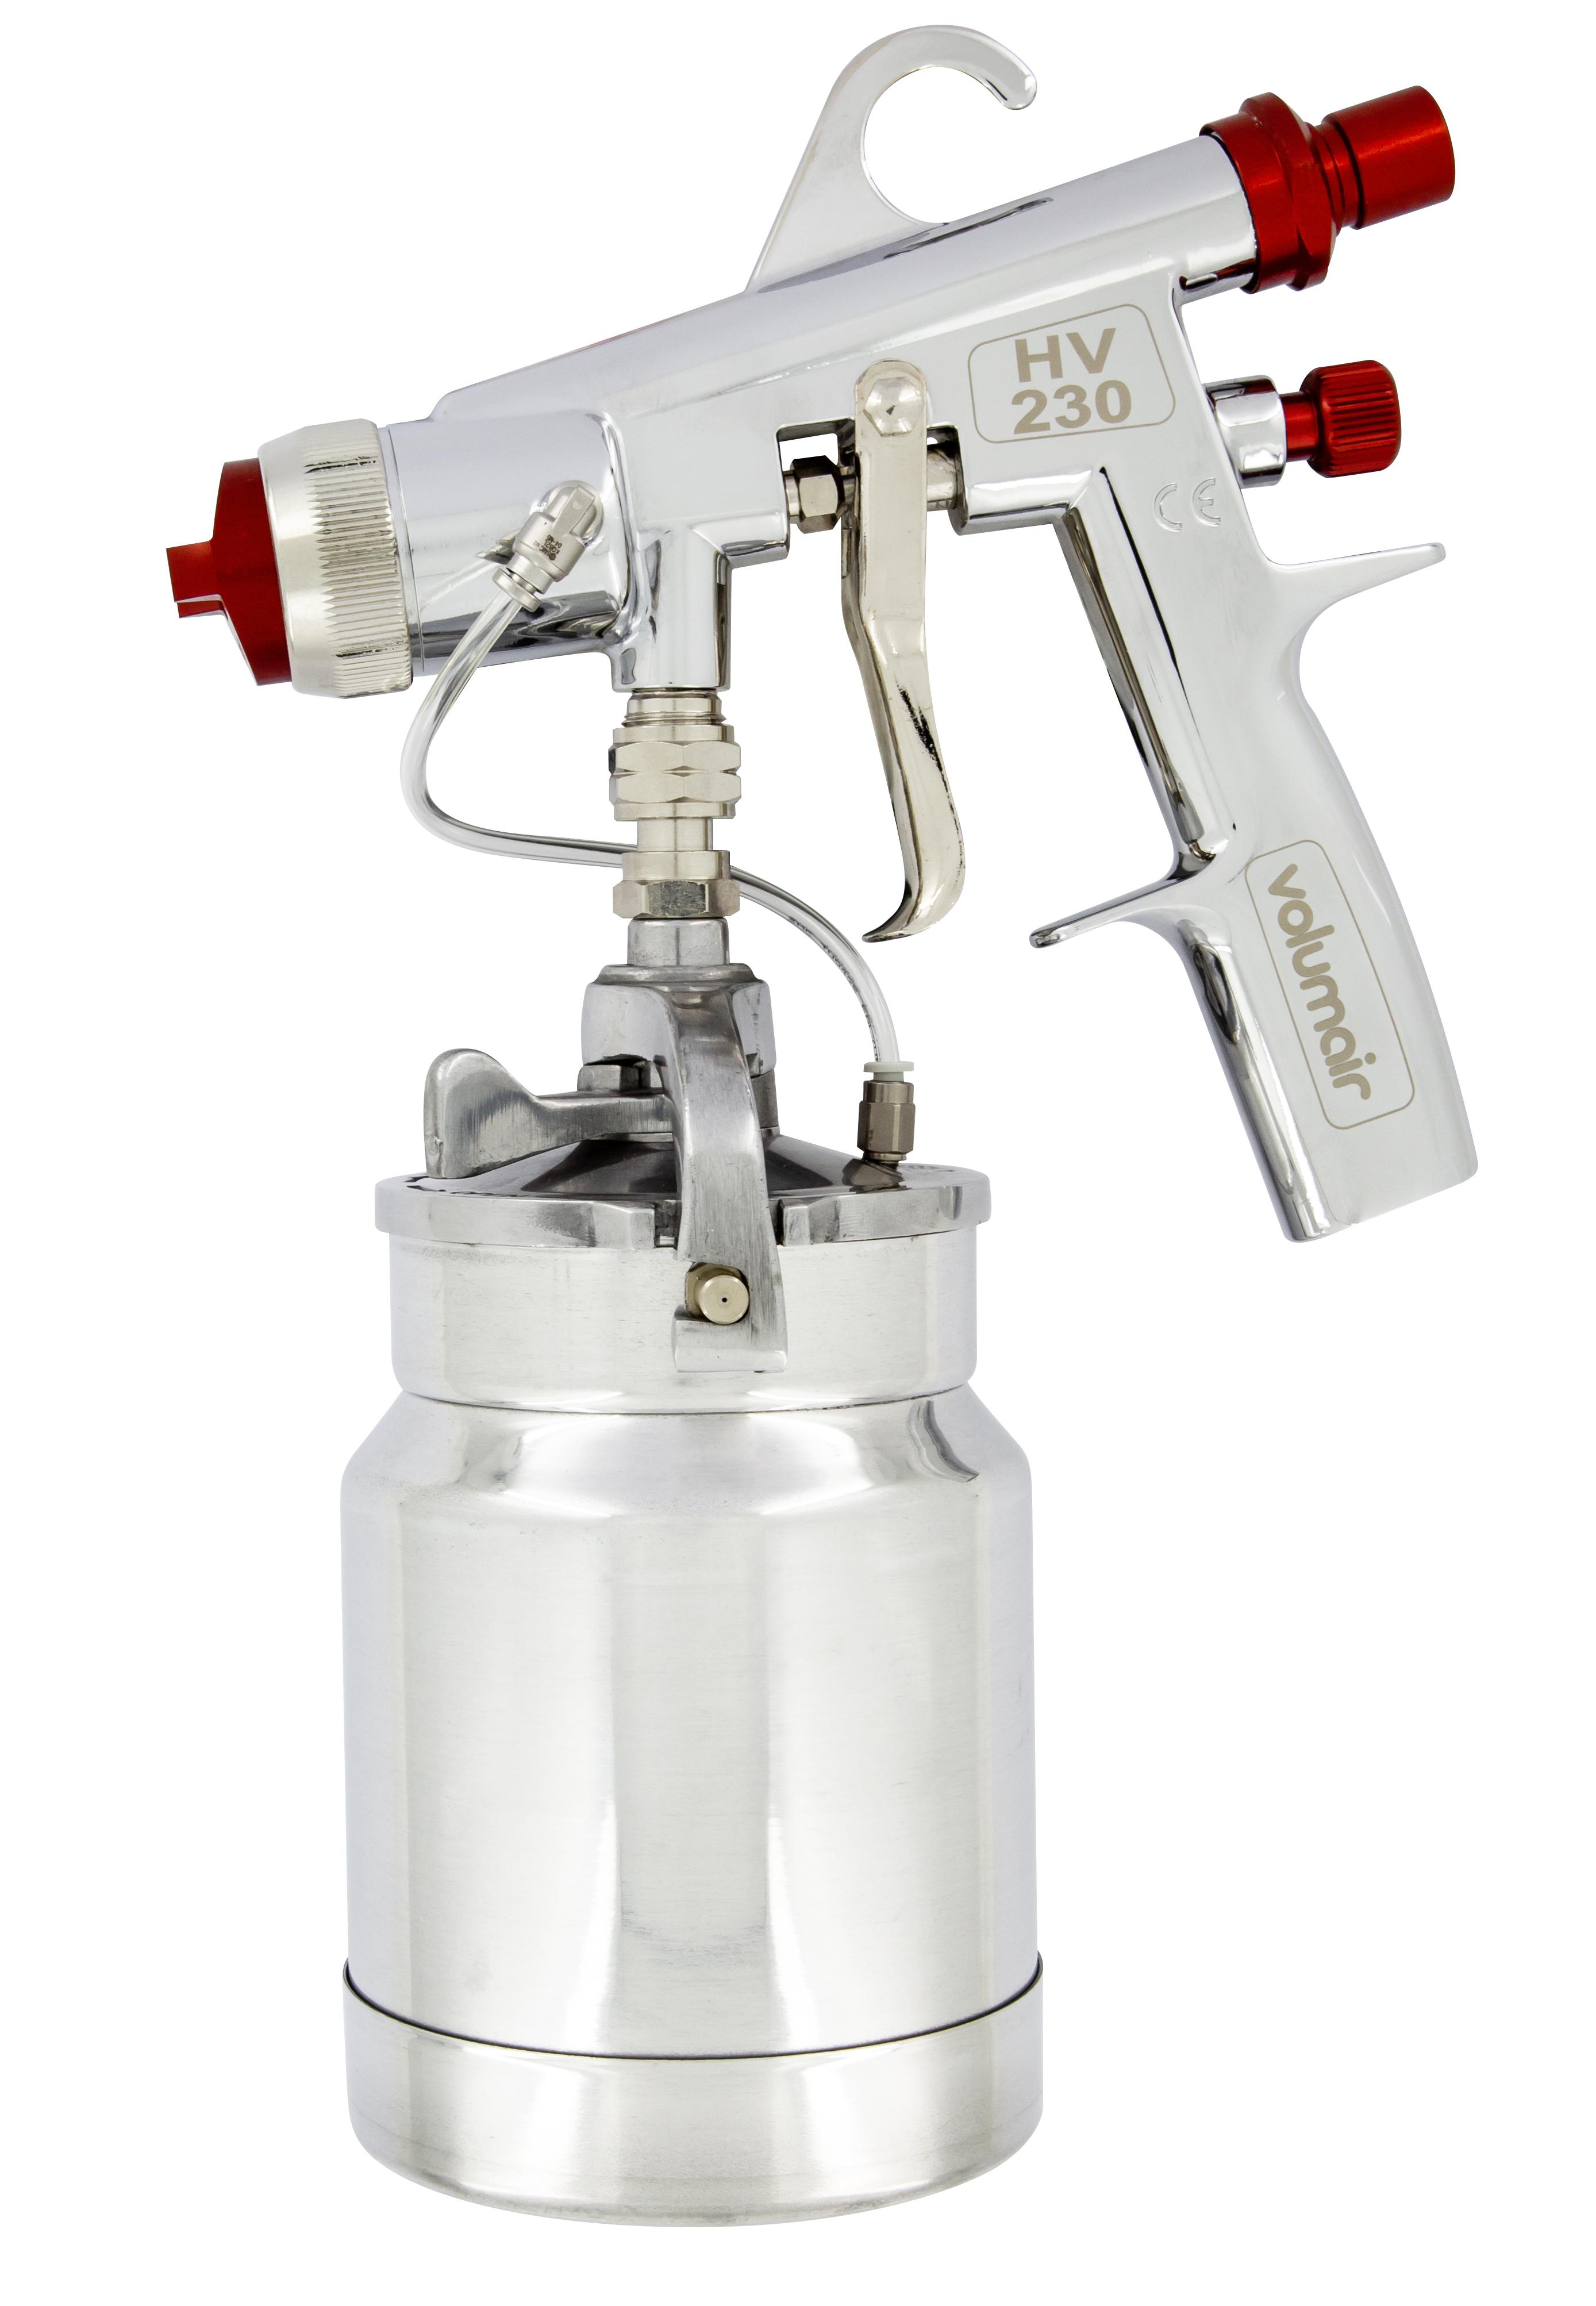 pistolet peinture godet 1 litre hv230 pour turbine. Black Bedroom Furniture Sets. Home Design Ideas